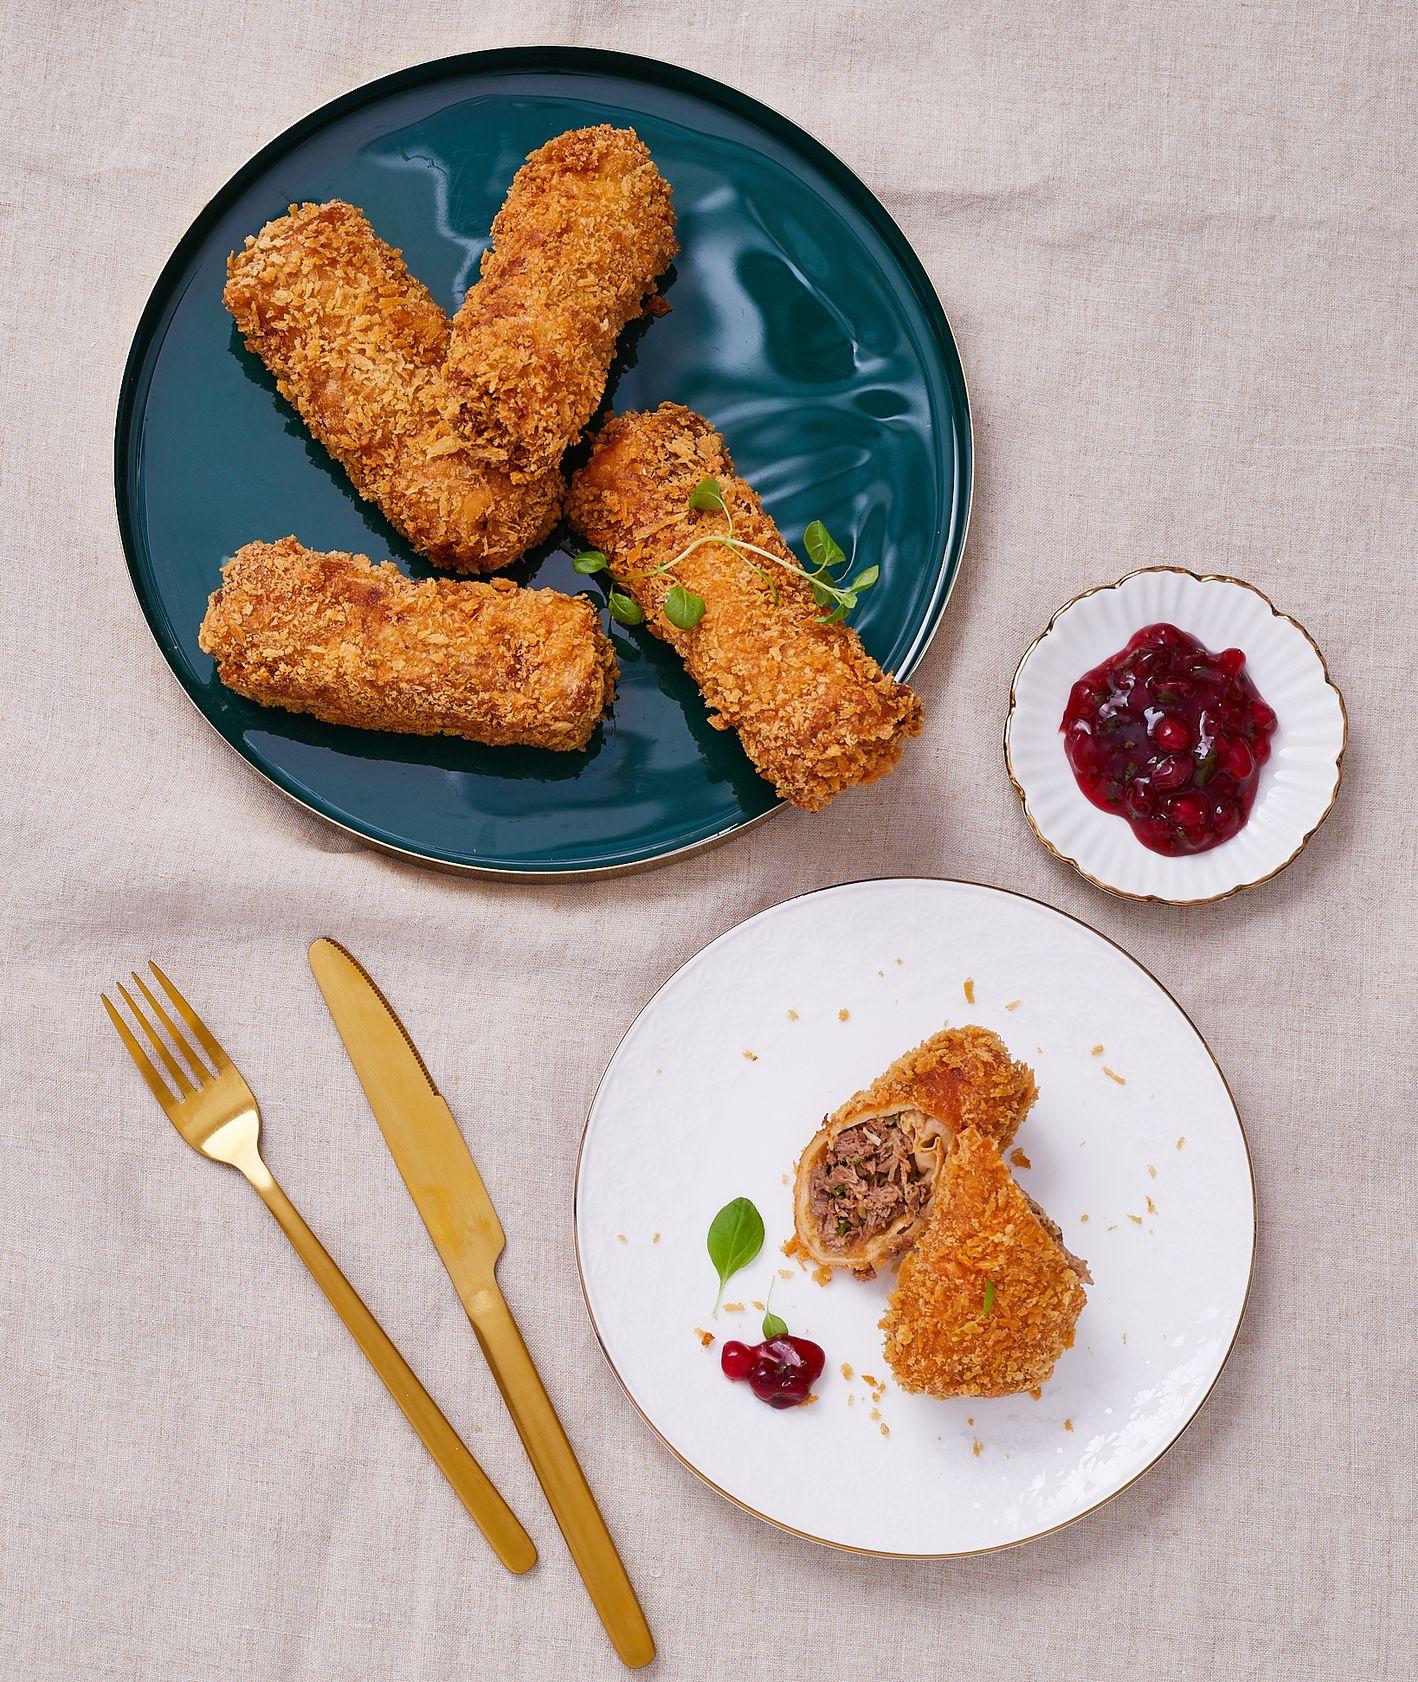 Krokiety faszerowane kaczką z sosem żyrawinowym. PRZEPIS. Farma Bii (fot. Maciek Niemojewski)